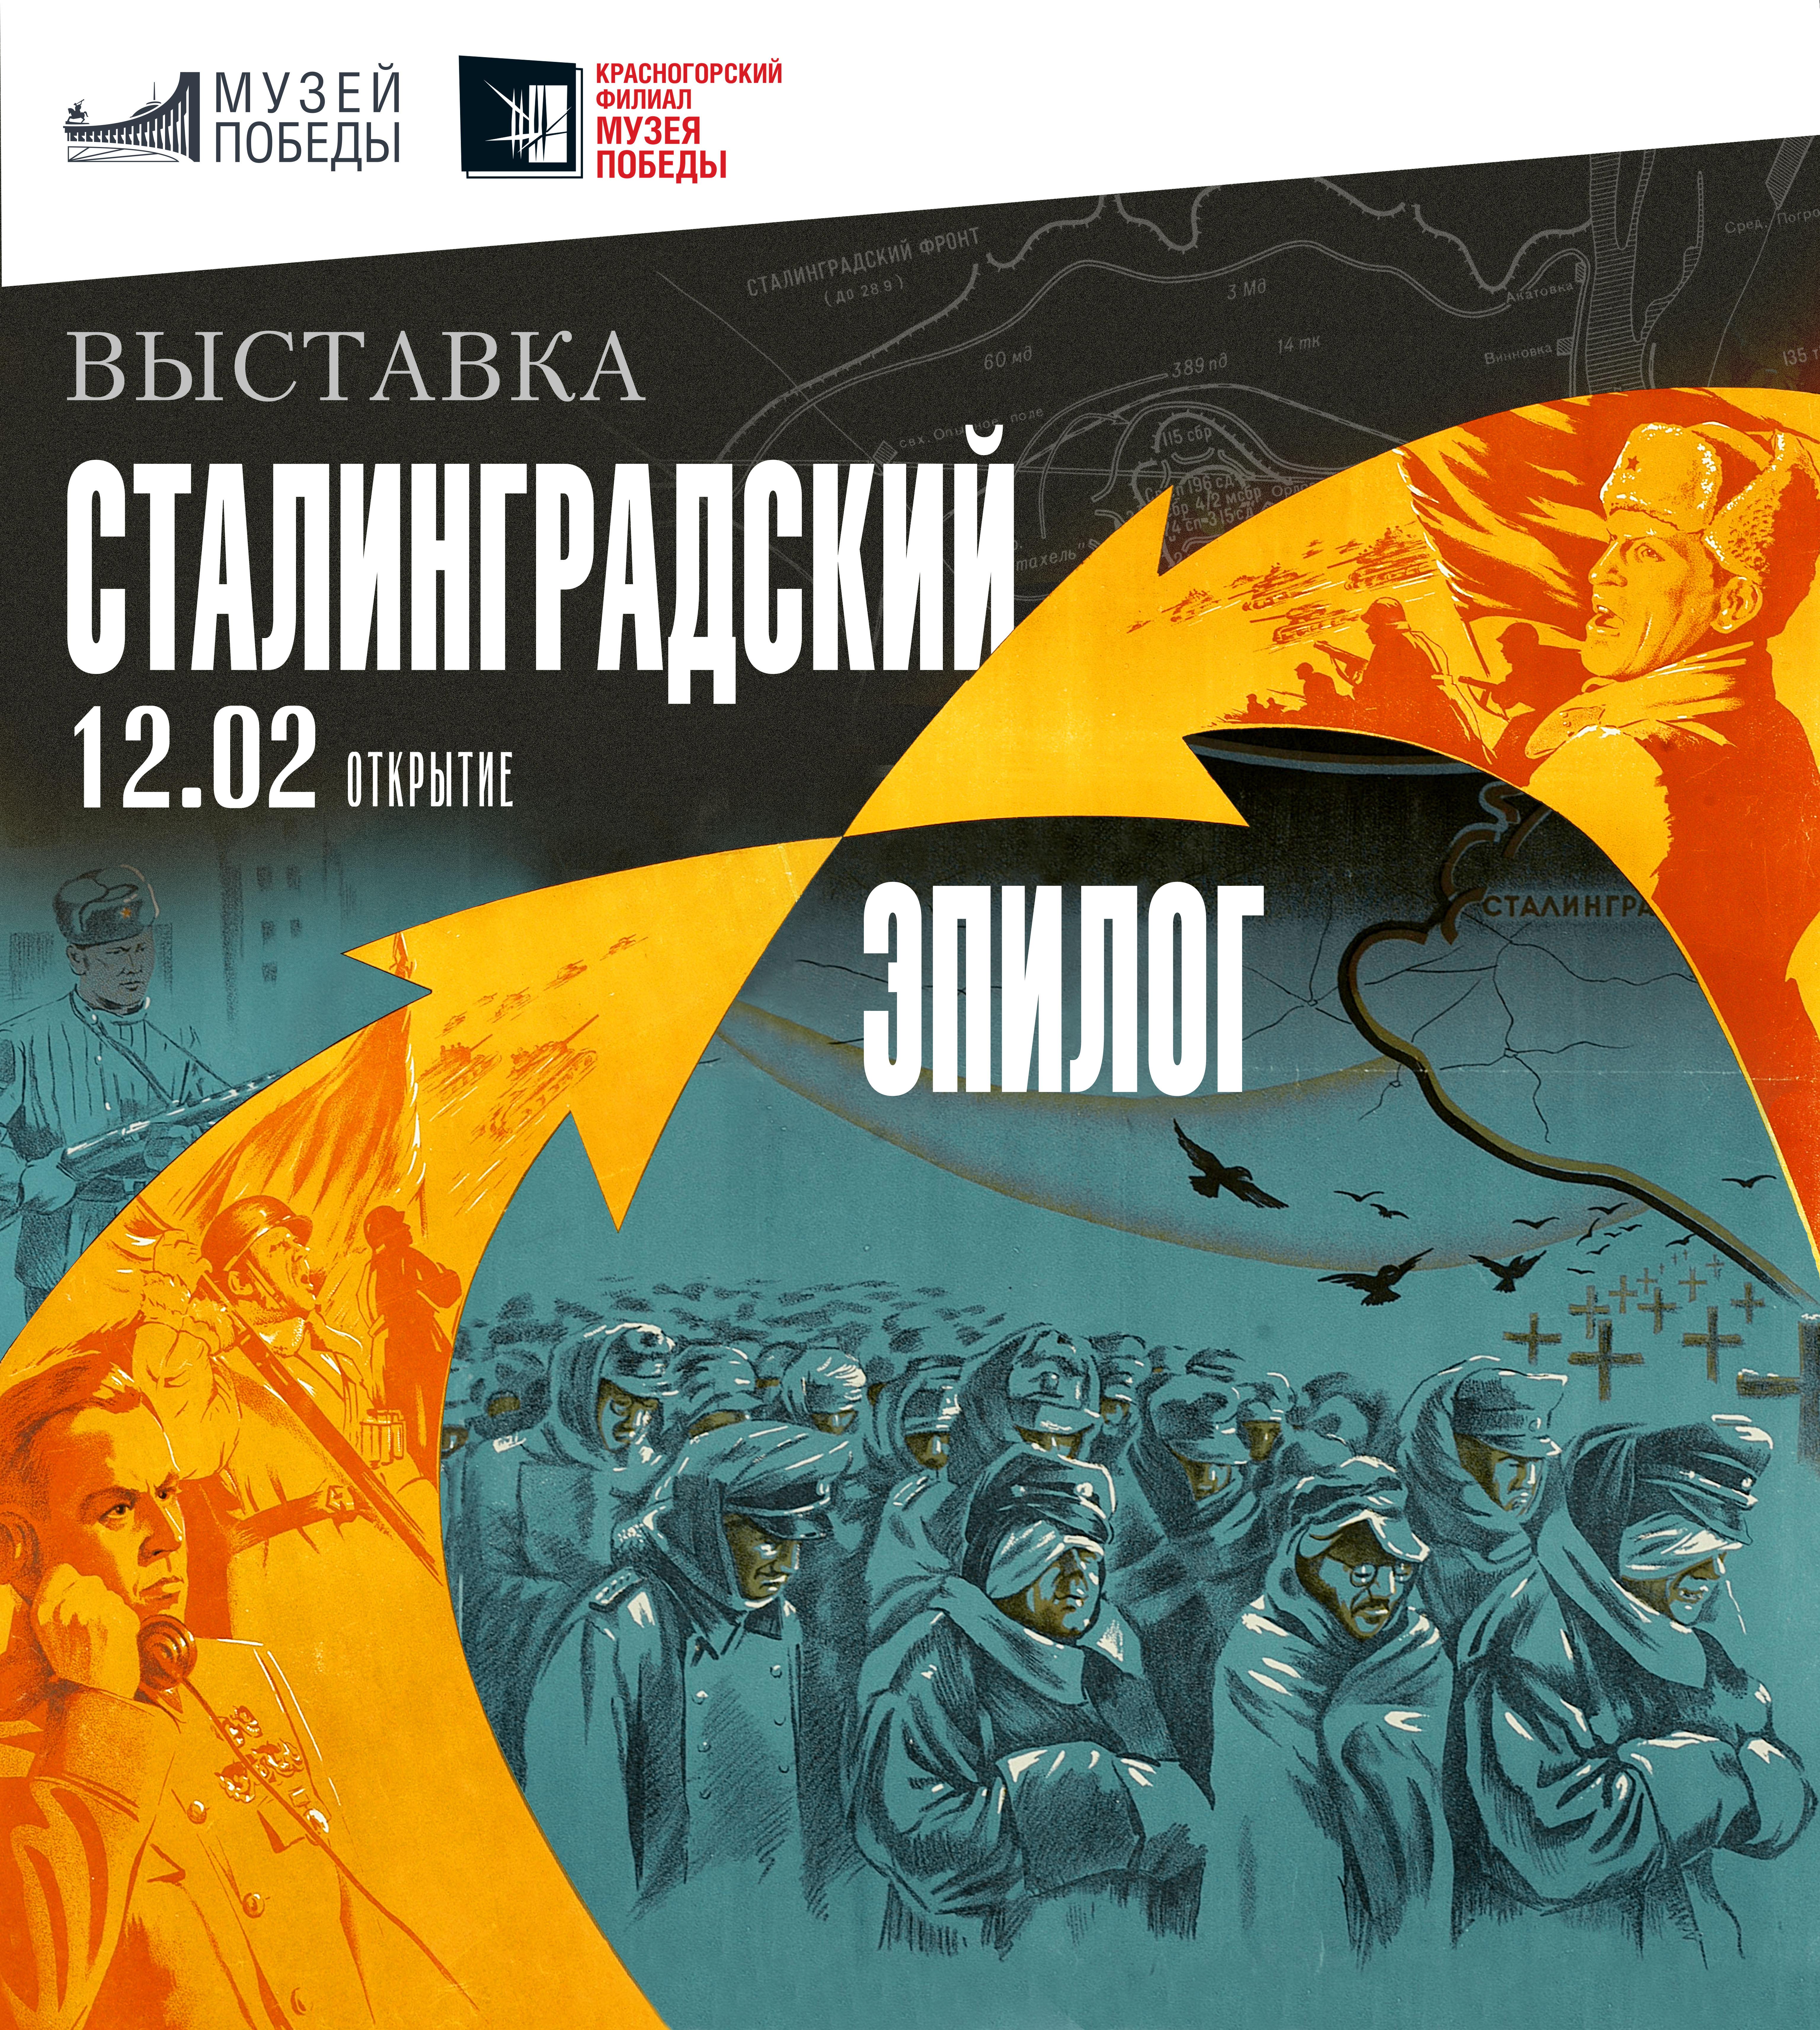 Экспозиция, посвященная эпилогу Сталинградской битвы, стартует в Красногорском филиале Музея Победы